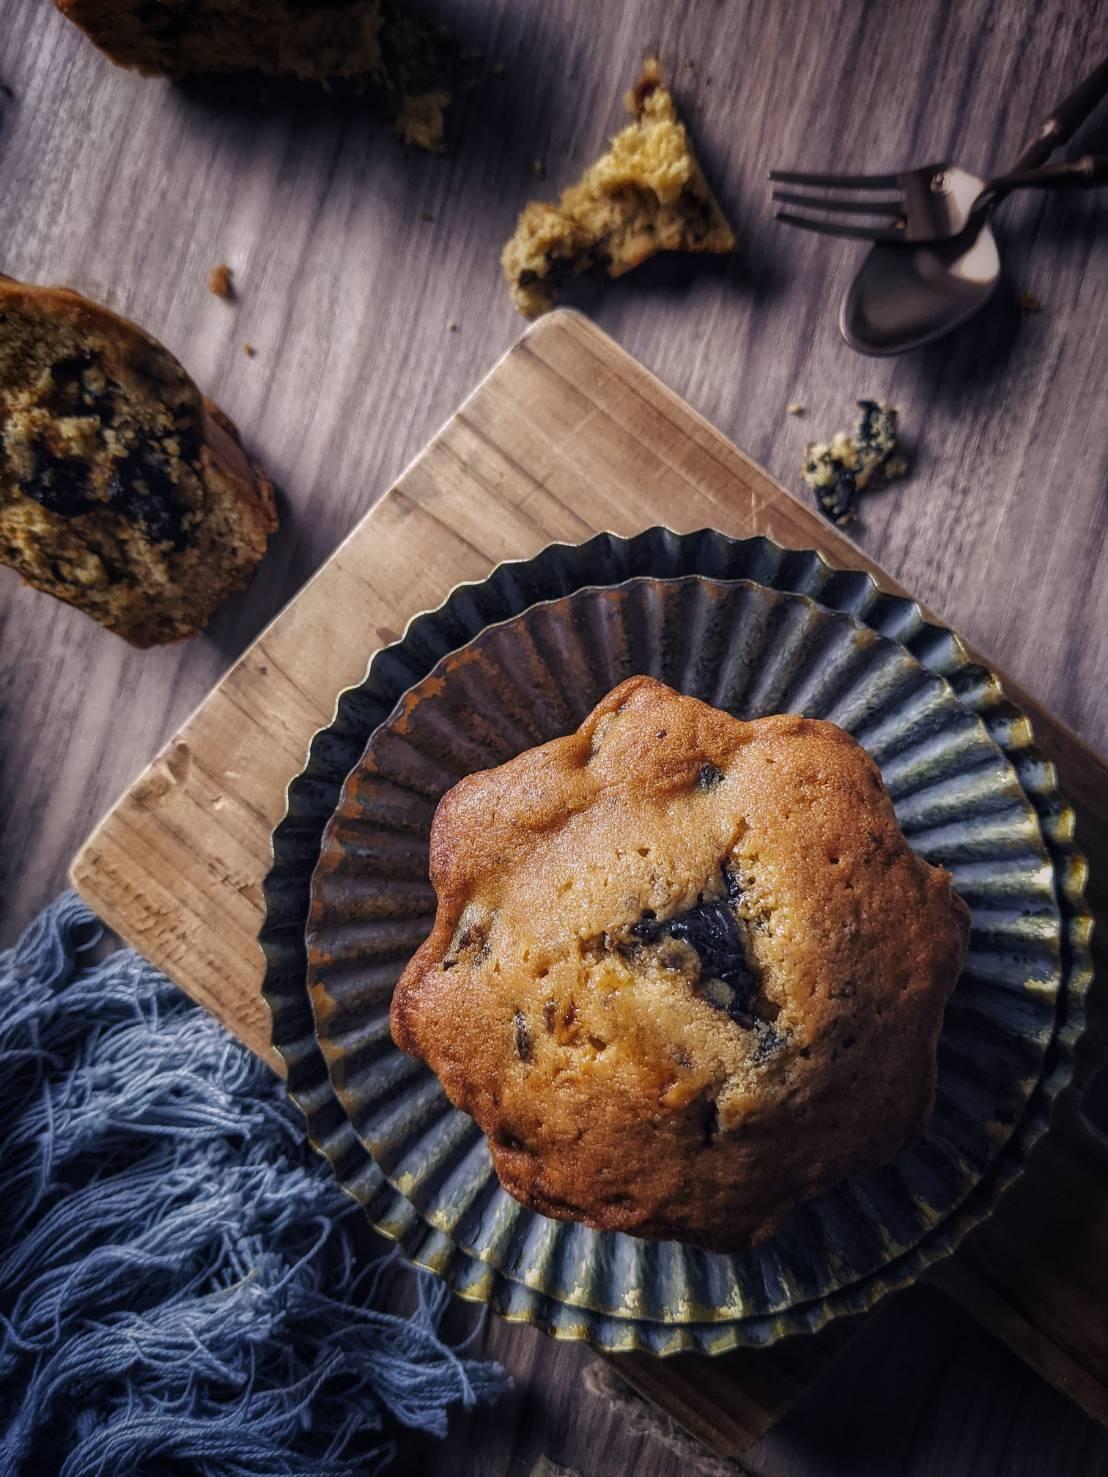 酒釀桂圓磅蛋糕  #蛋奶素 #柴燒桂圓 #桂圓蛋糕 #磅蛋糕